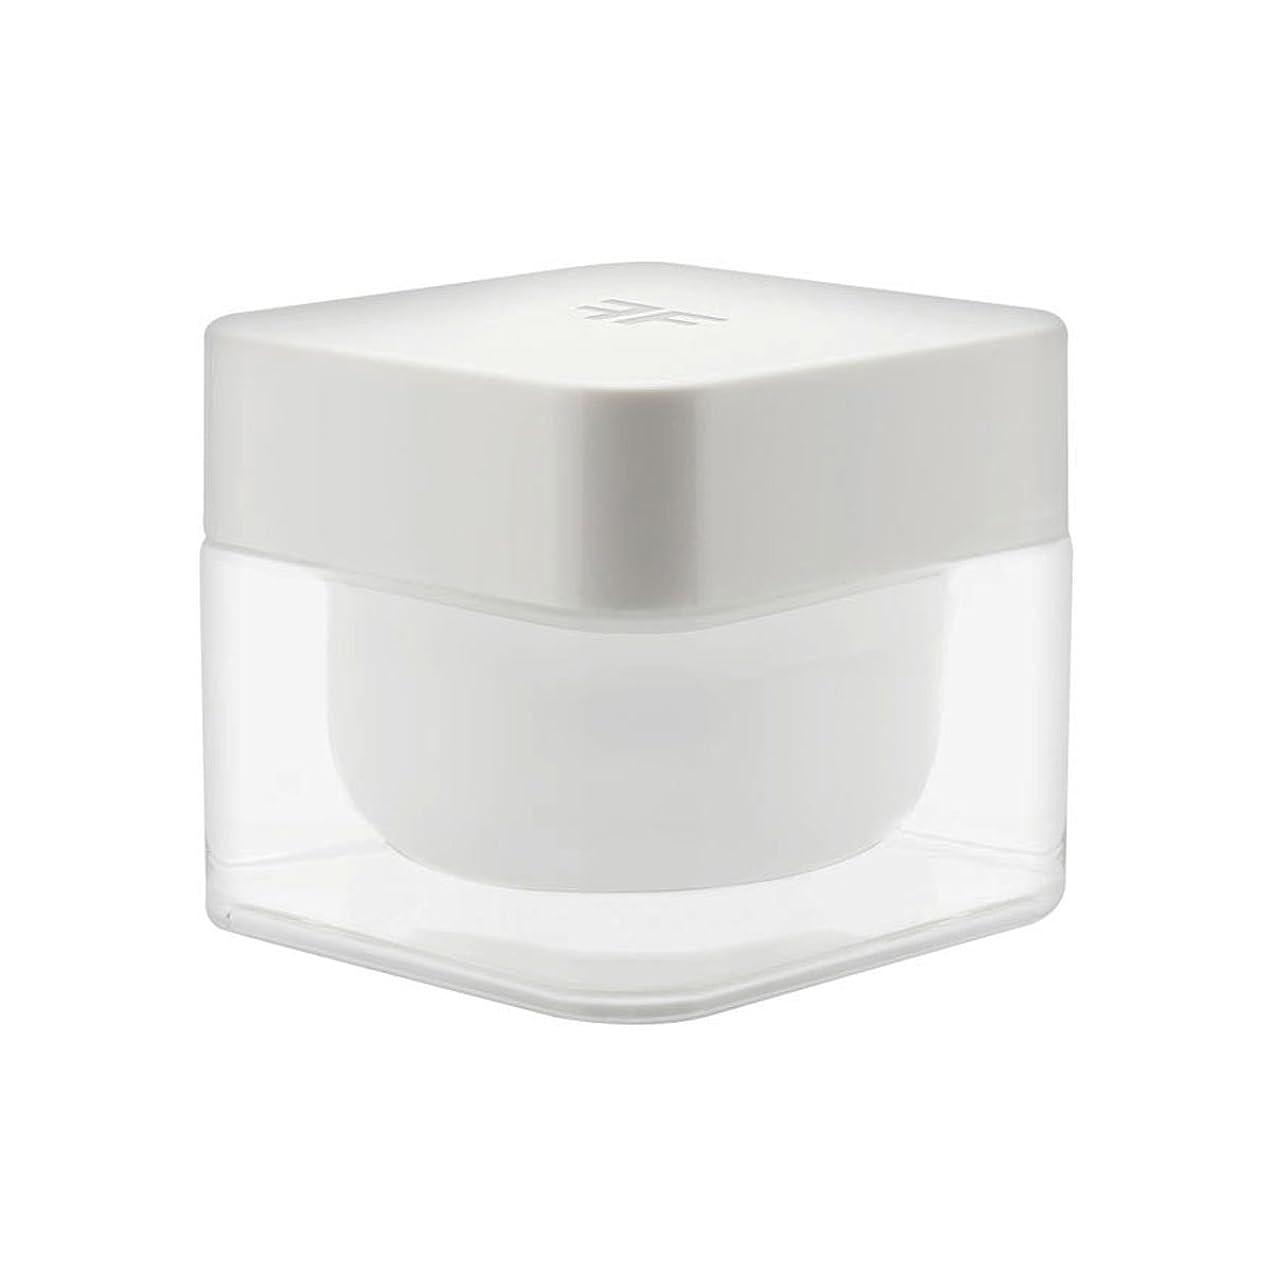 ホステス海里一次Filorga Skin-absolute Day Ultimate Rejuvenating Day Cream 50ml [並行輸入品]